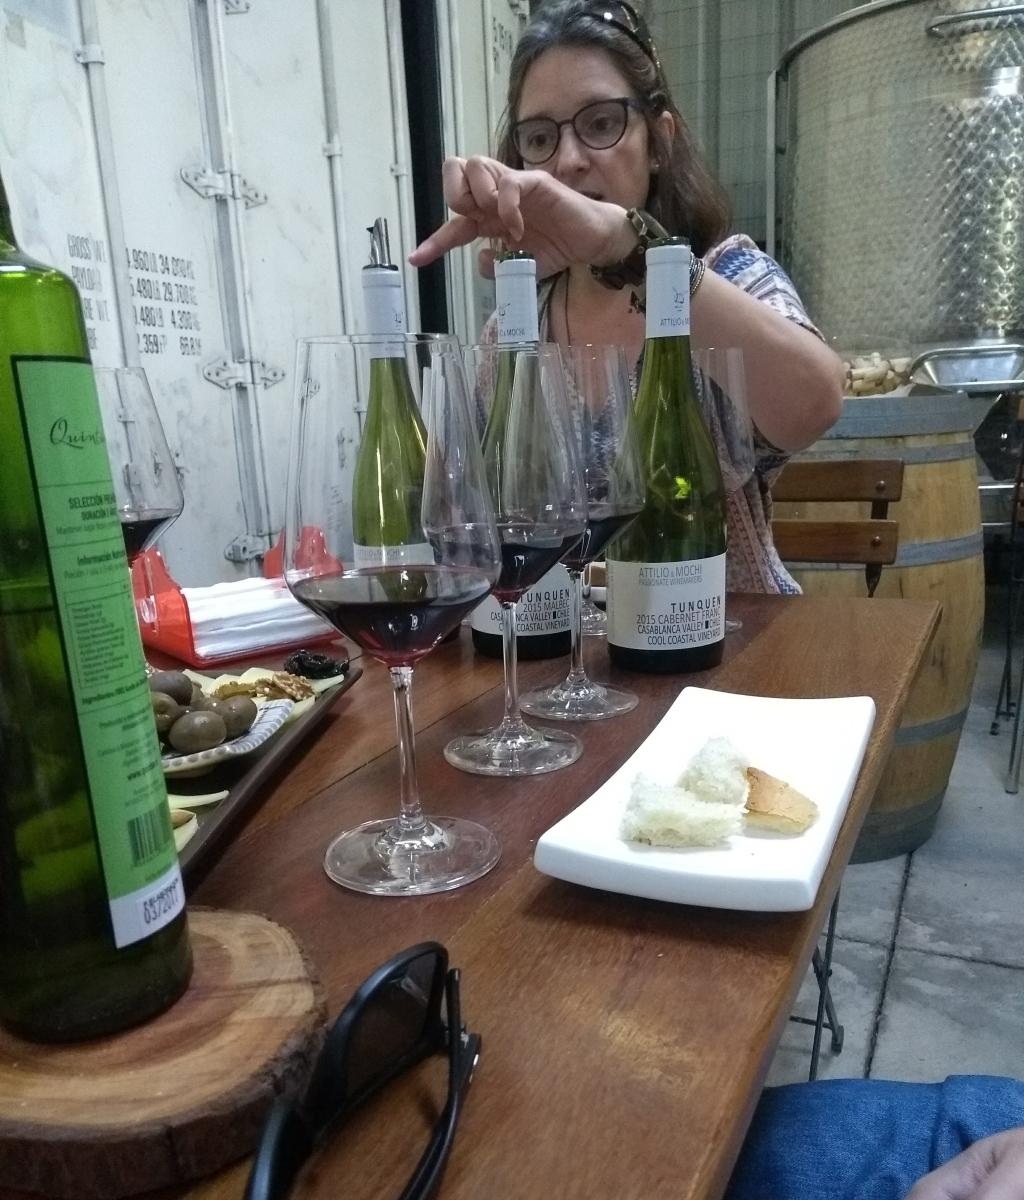 (Chile) Attilio & Mochi e um tour brindado à paixão pelo vinho e ao empreendedorismo